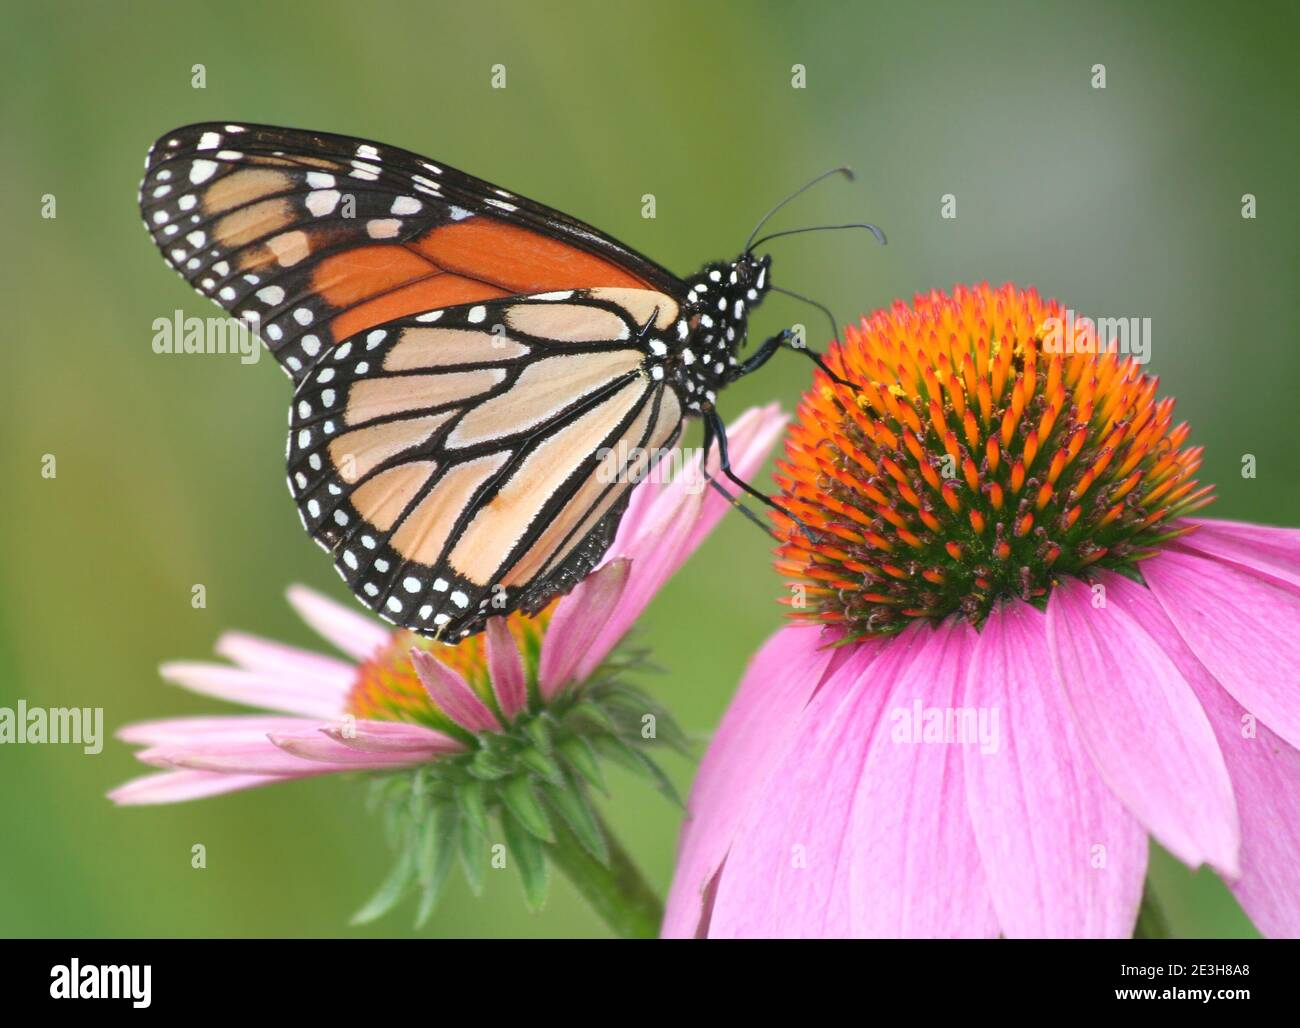 Mariposa monarca posando sobre la flor púrpura en Chicago, Illinois en el caluroso día de verano. Foto de stock